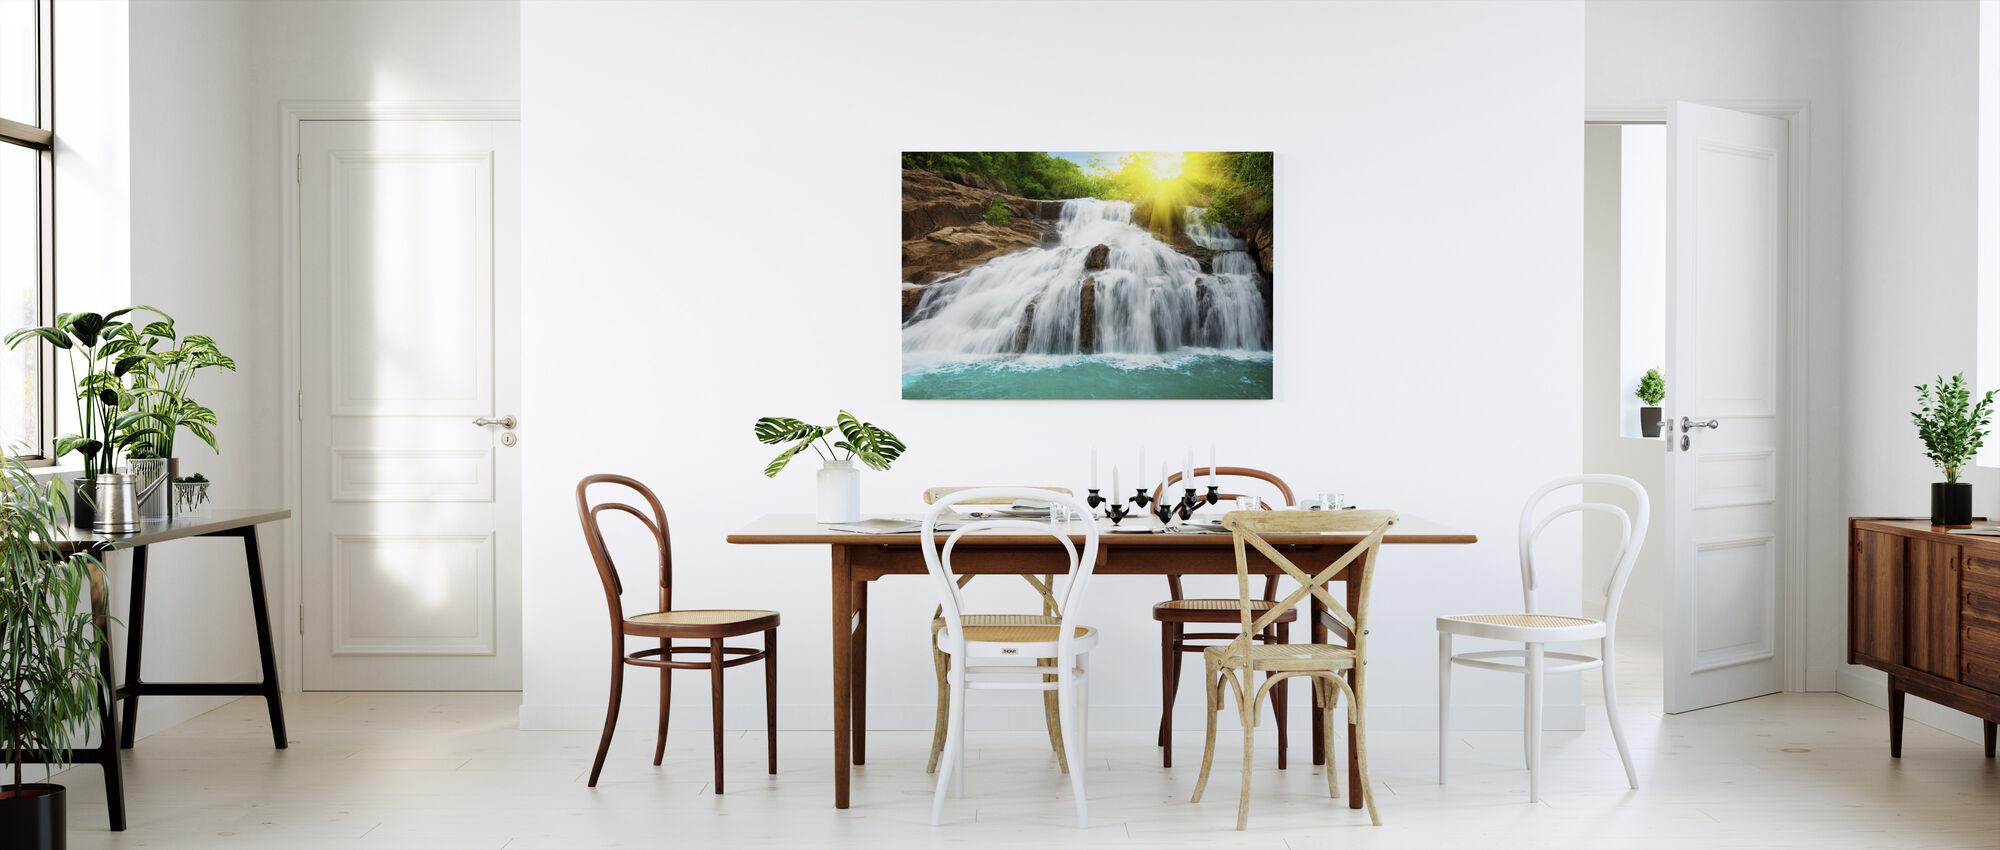 Vesiputous sademetsässä ja auringonvalossa - Canvastaulu - Keittiö